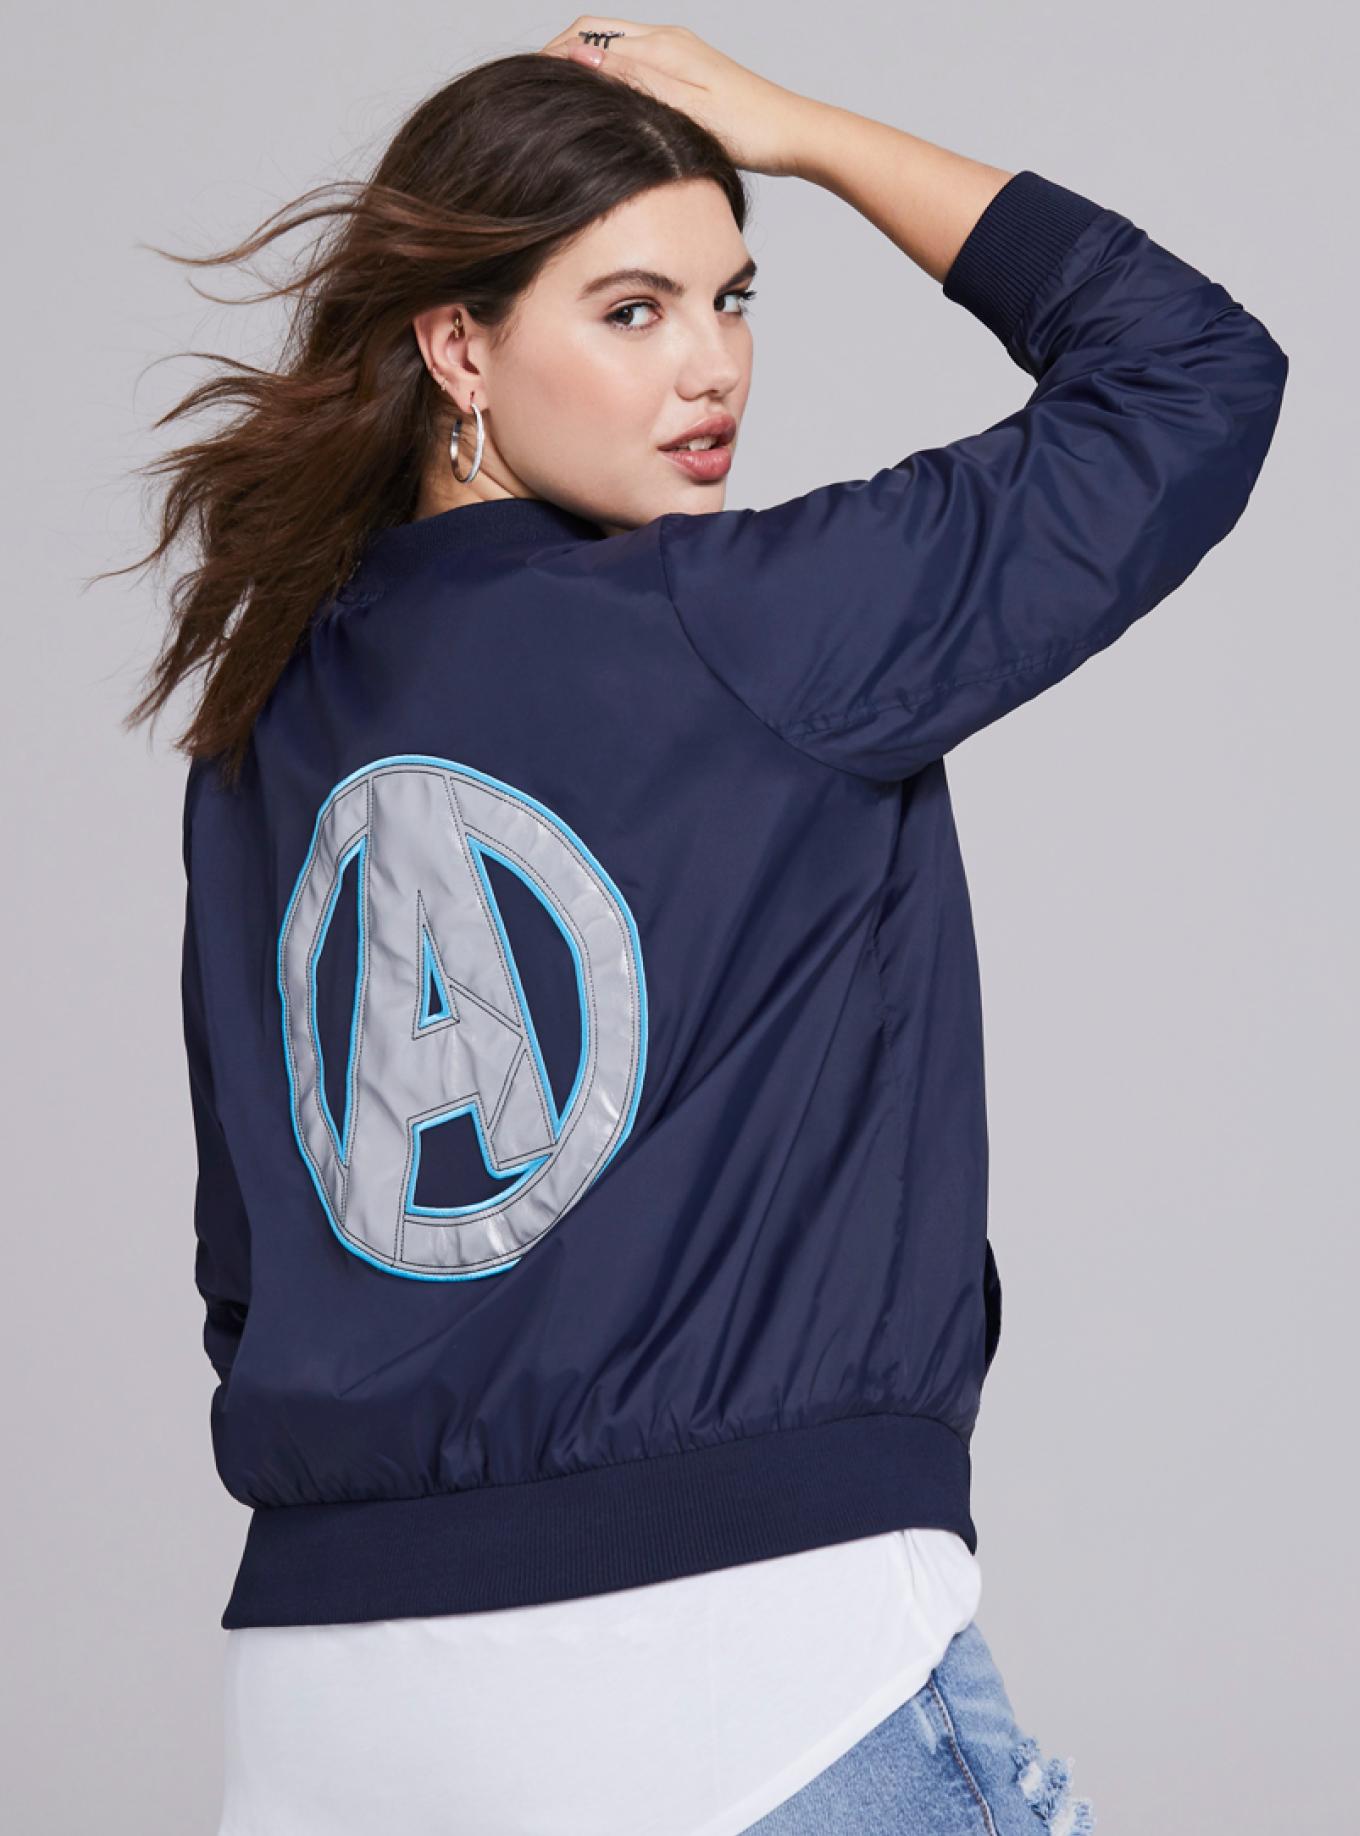 Torrid x Avengers